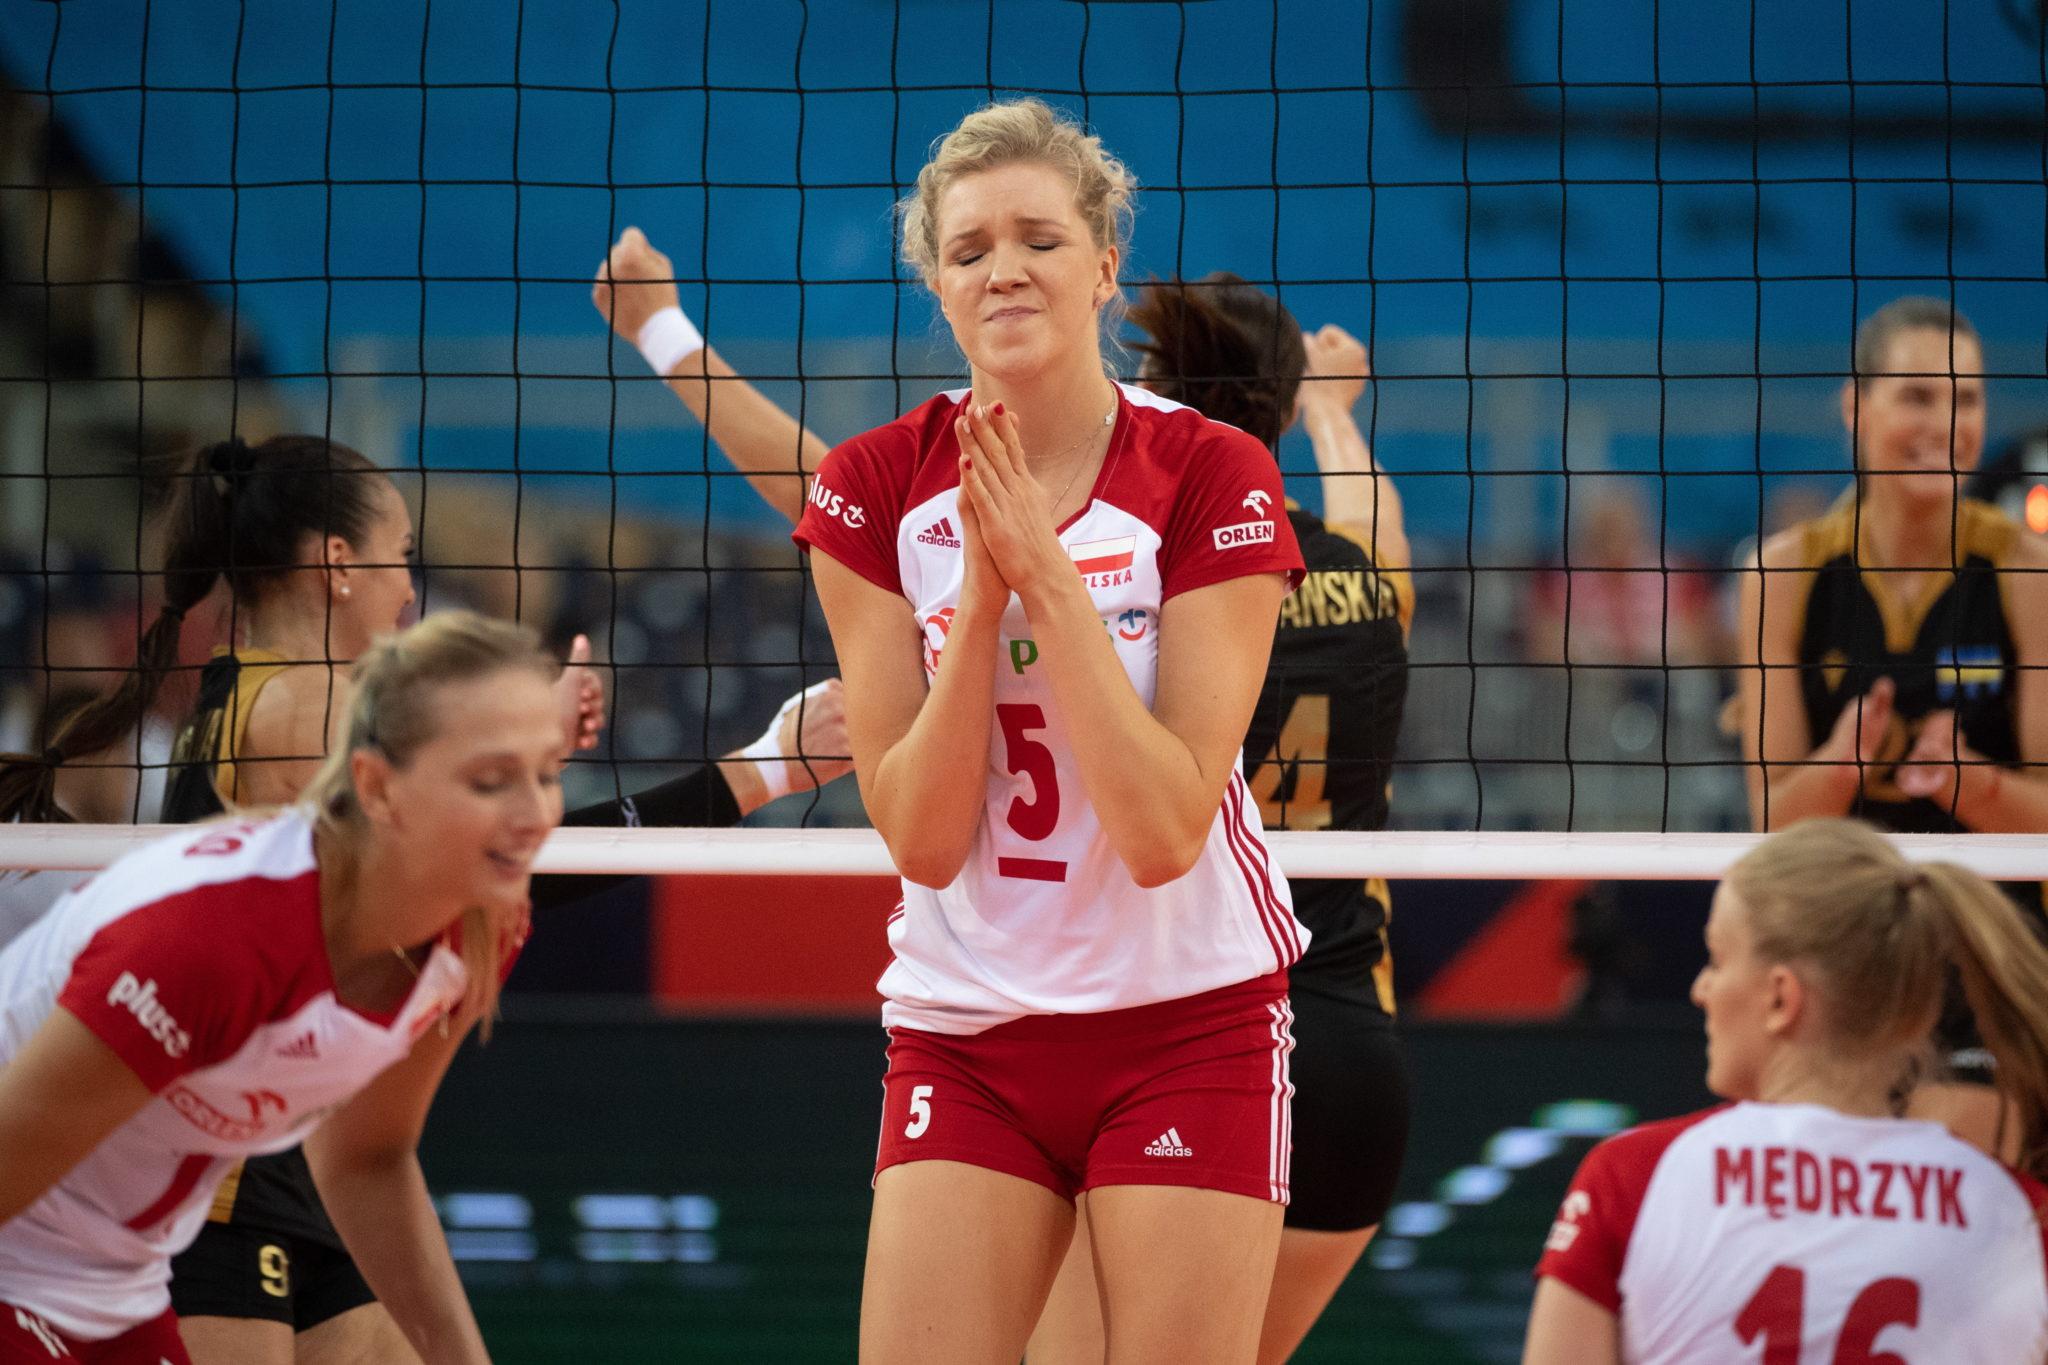 Mecz grupy B mistrzostw Europy polskich siatkarek z Ukrainą w Łódzkiej